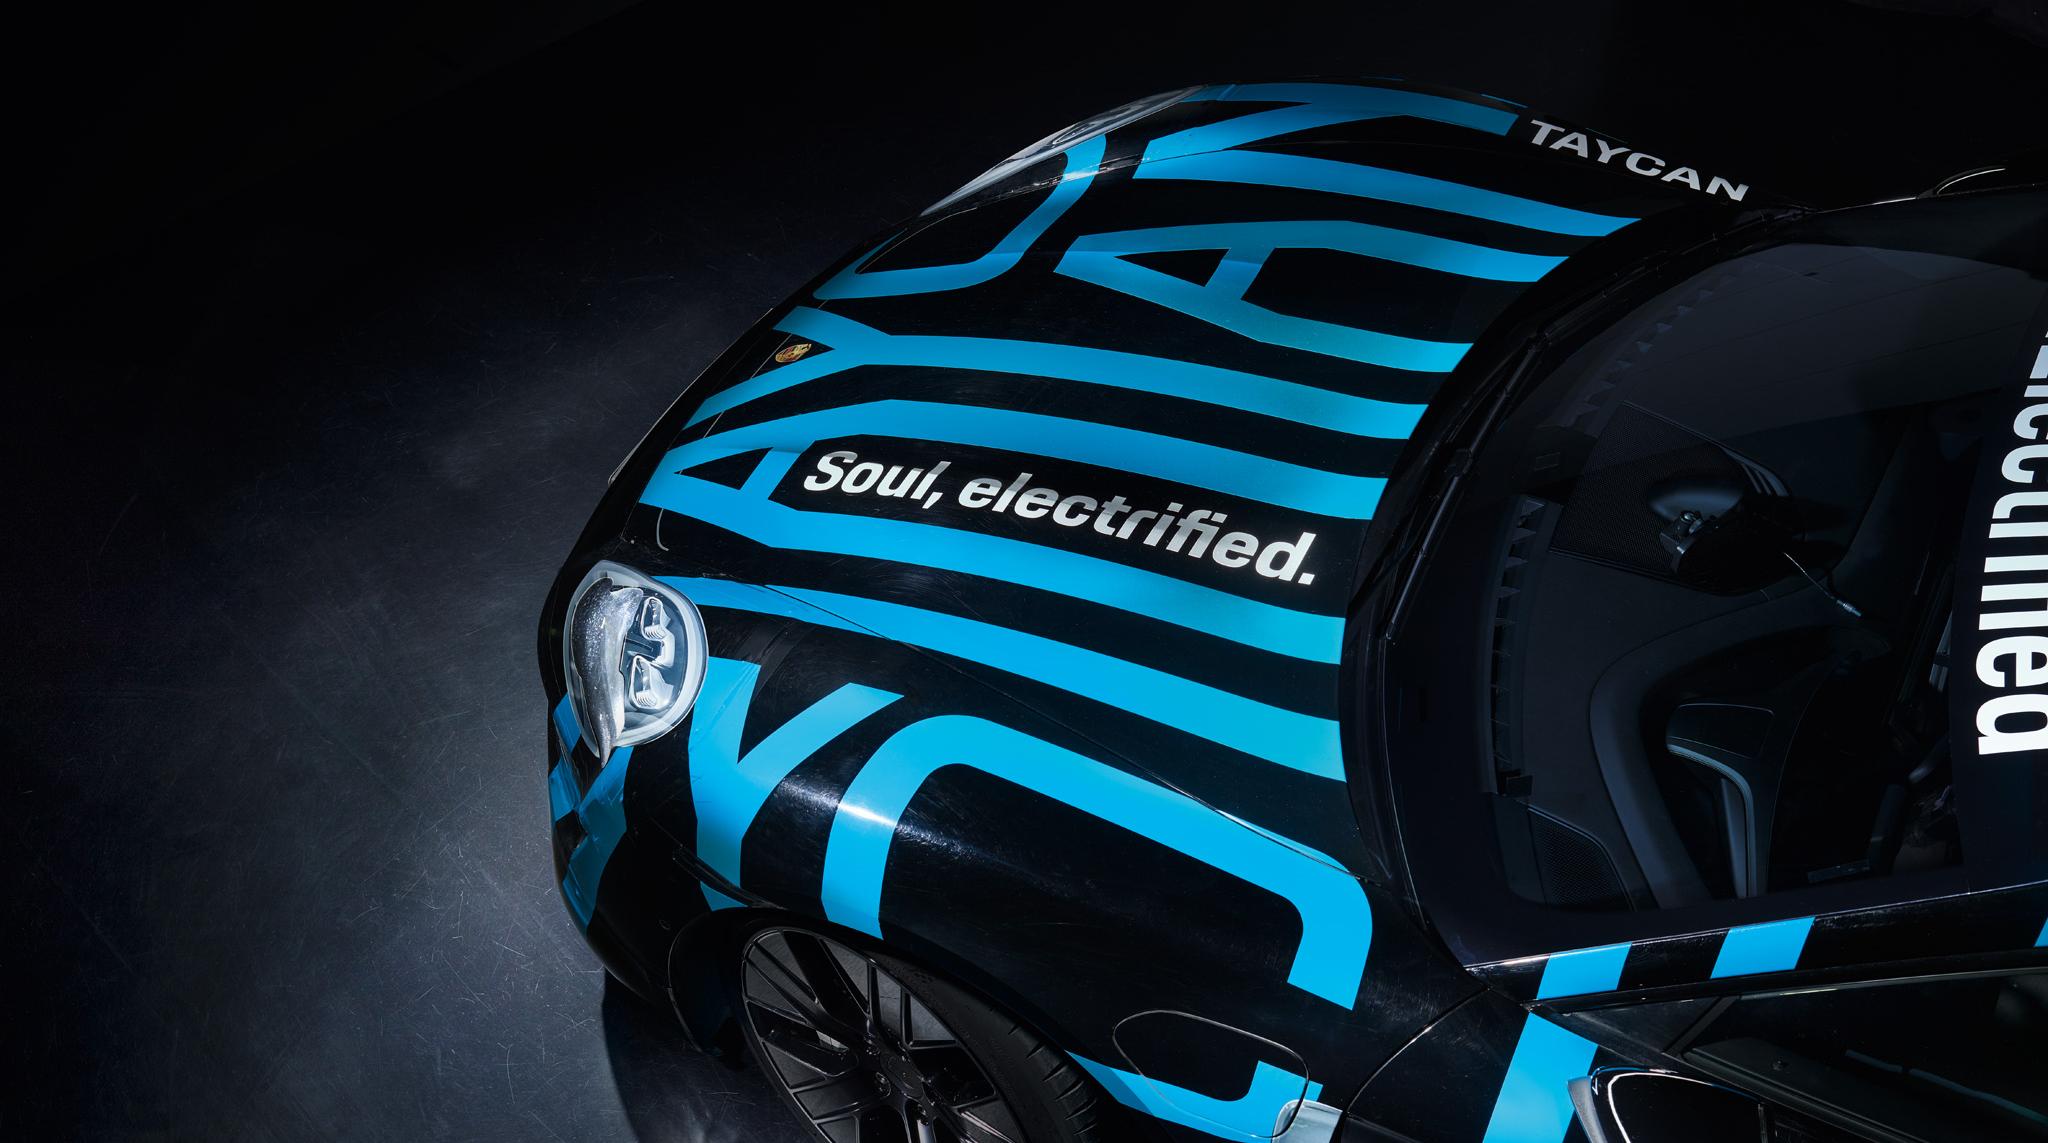 Porsche Taycan   Soul, electrified